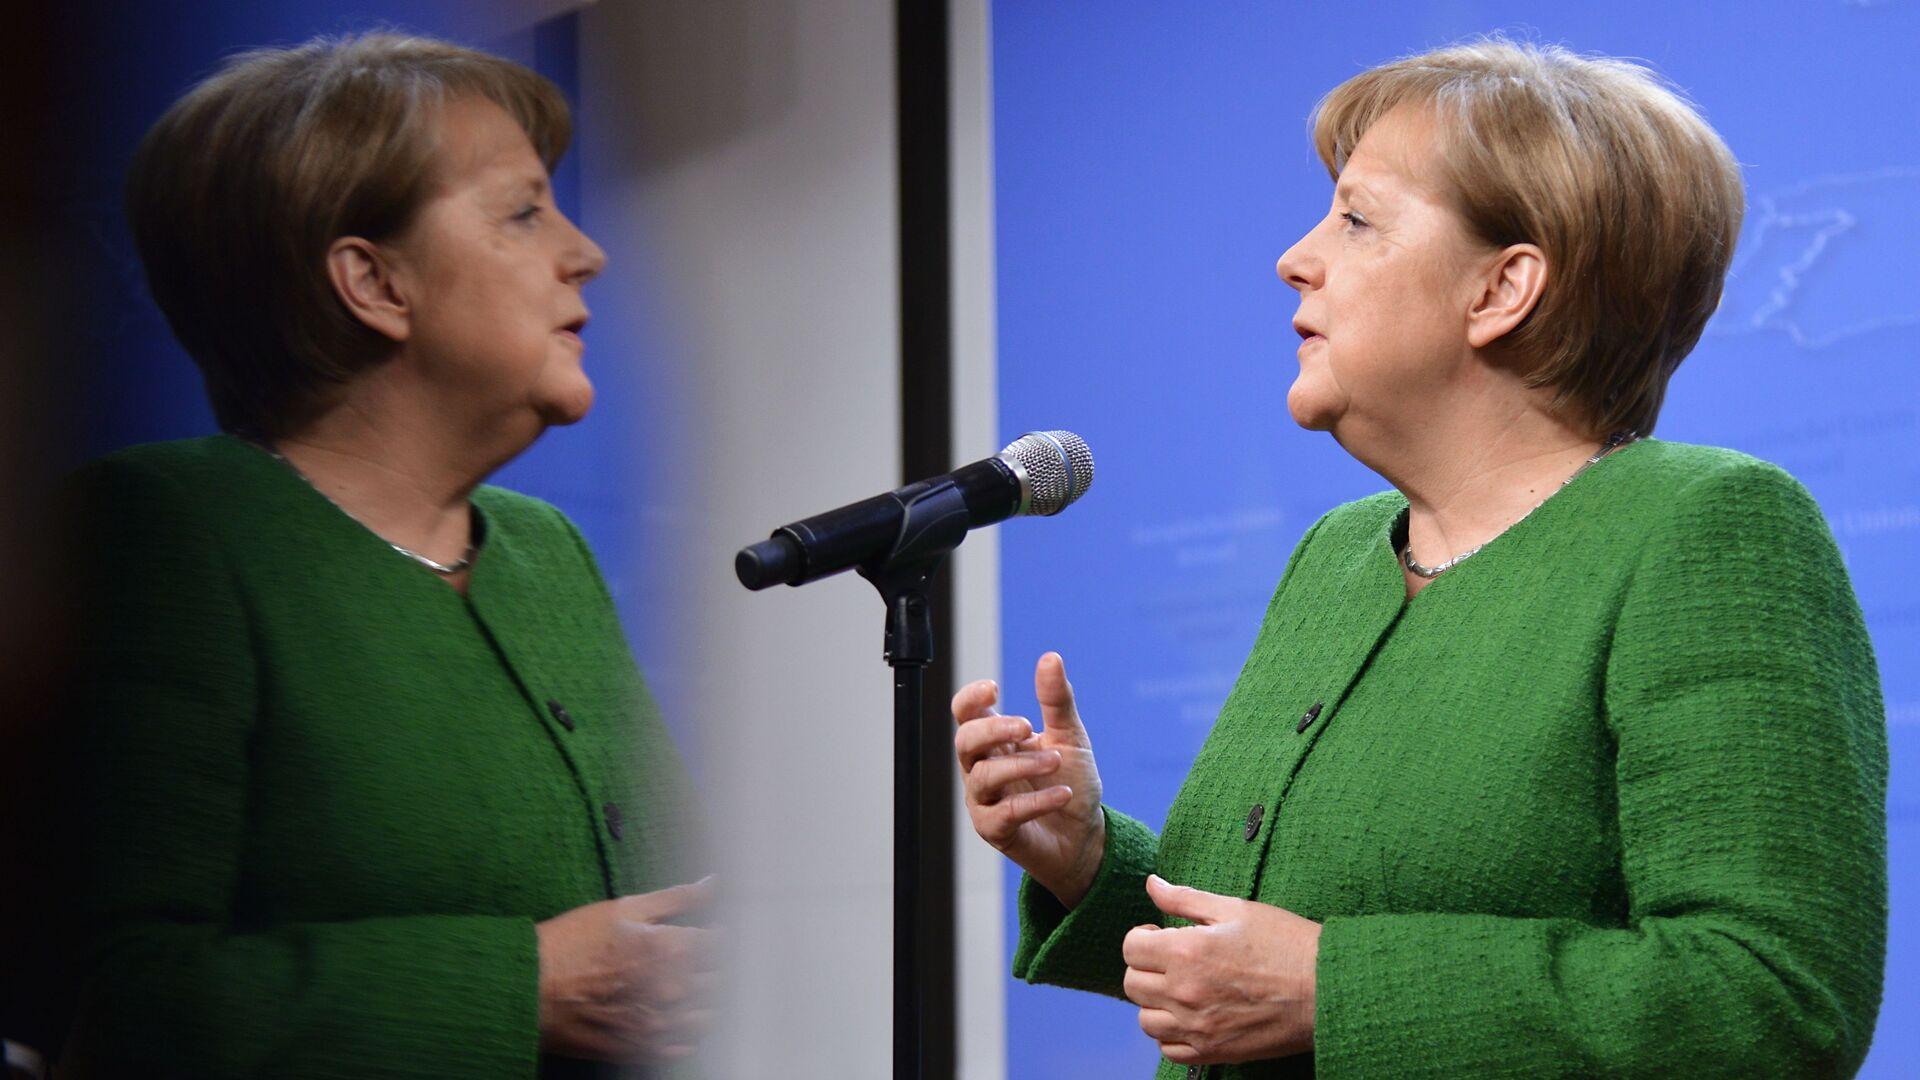 Канцлер Германии Ангела Меркель во время саммита ЕС в Брюсселе - Sputnik Латвия, 1920, 28.09.2021